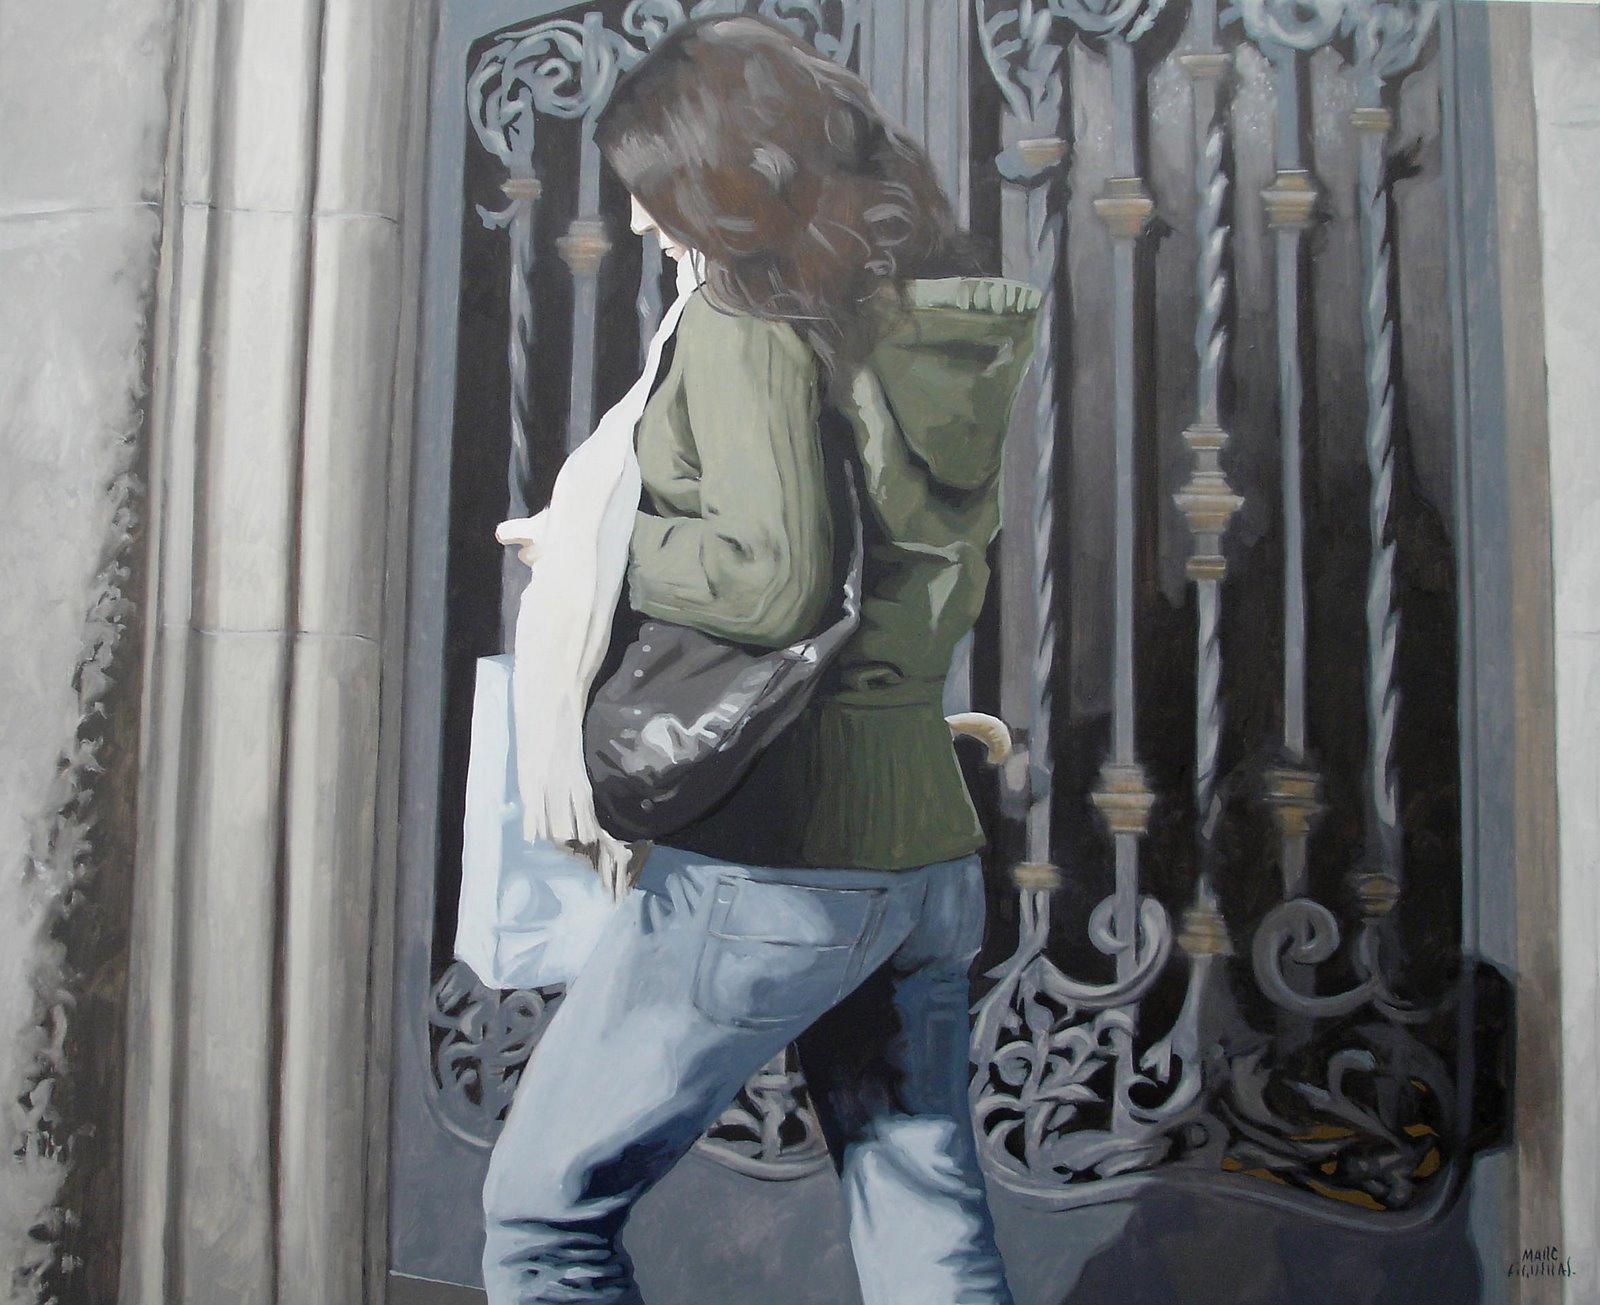 Барселона в картинах, Марк Фигерас, Marc Figueras